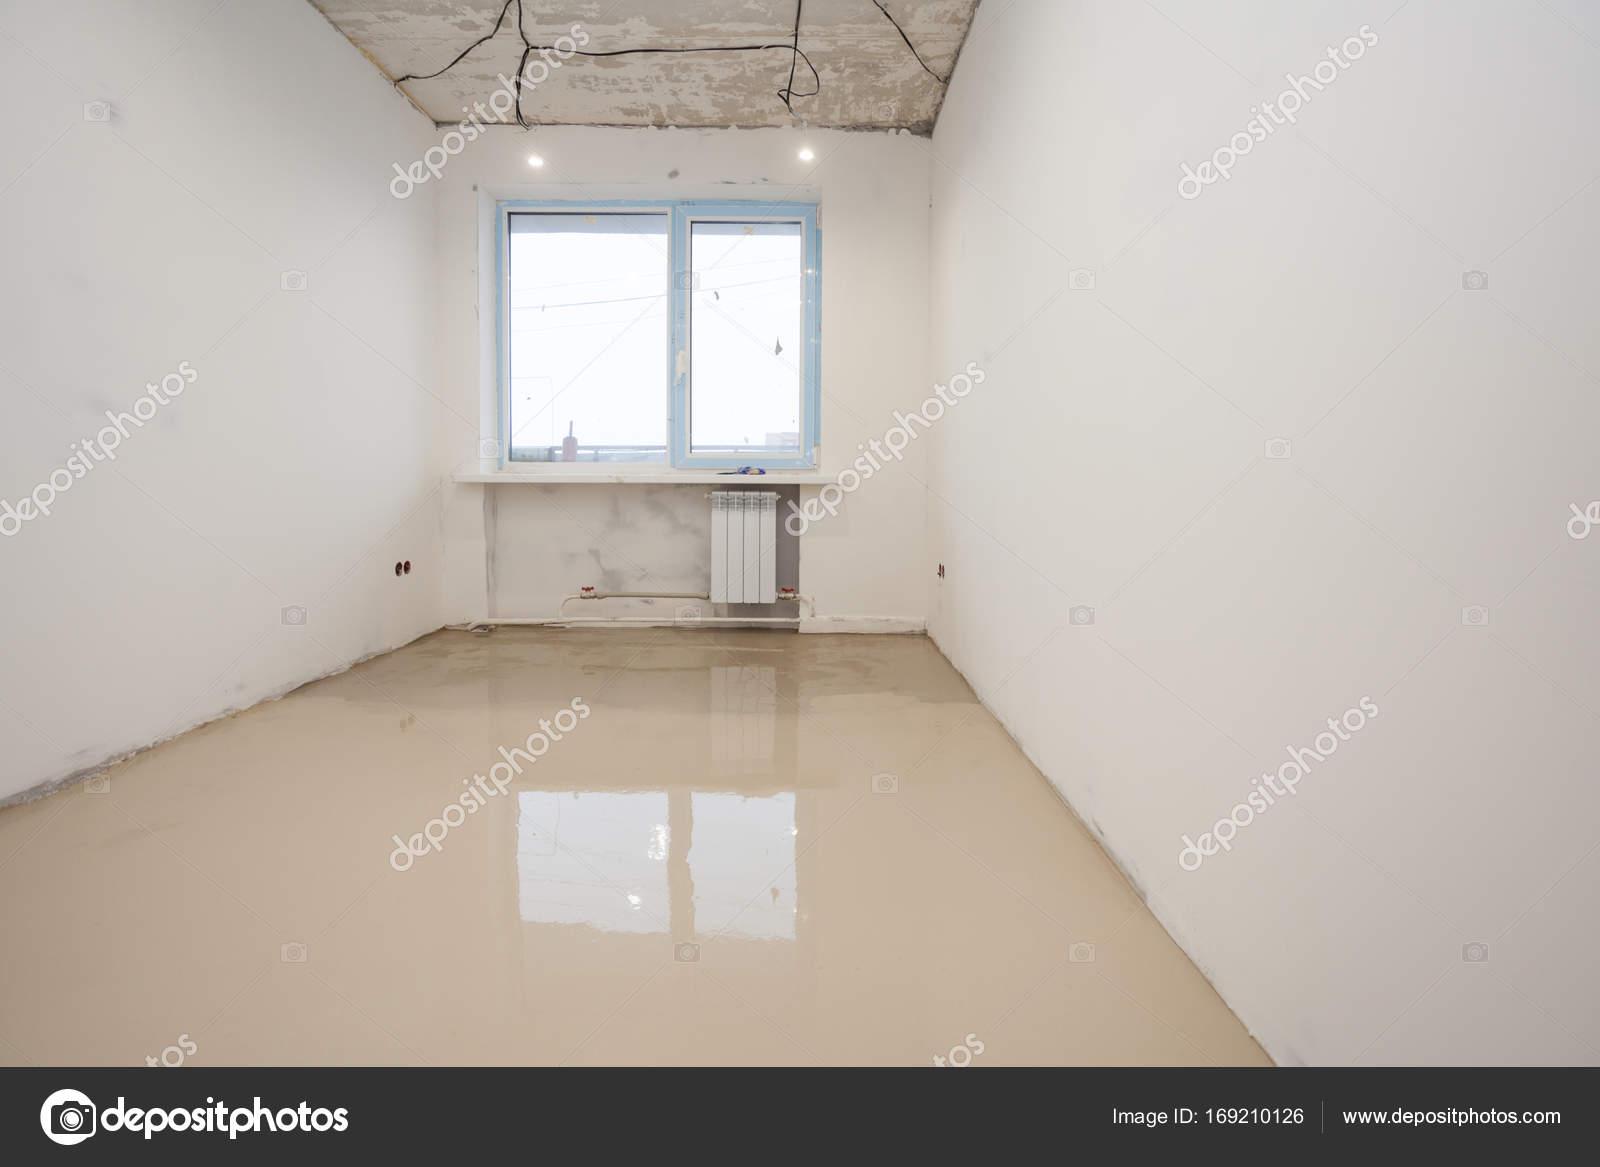 Fußboden Neu Gießen ~ Reparaturarbeiten. böden im raum gießen. selbstnivellierende